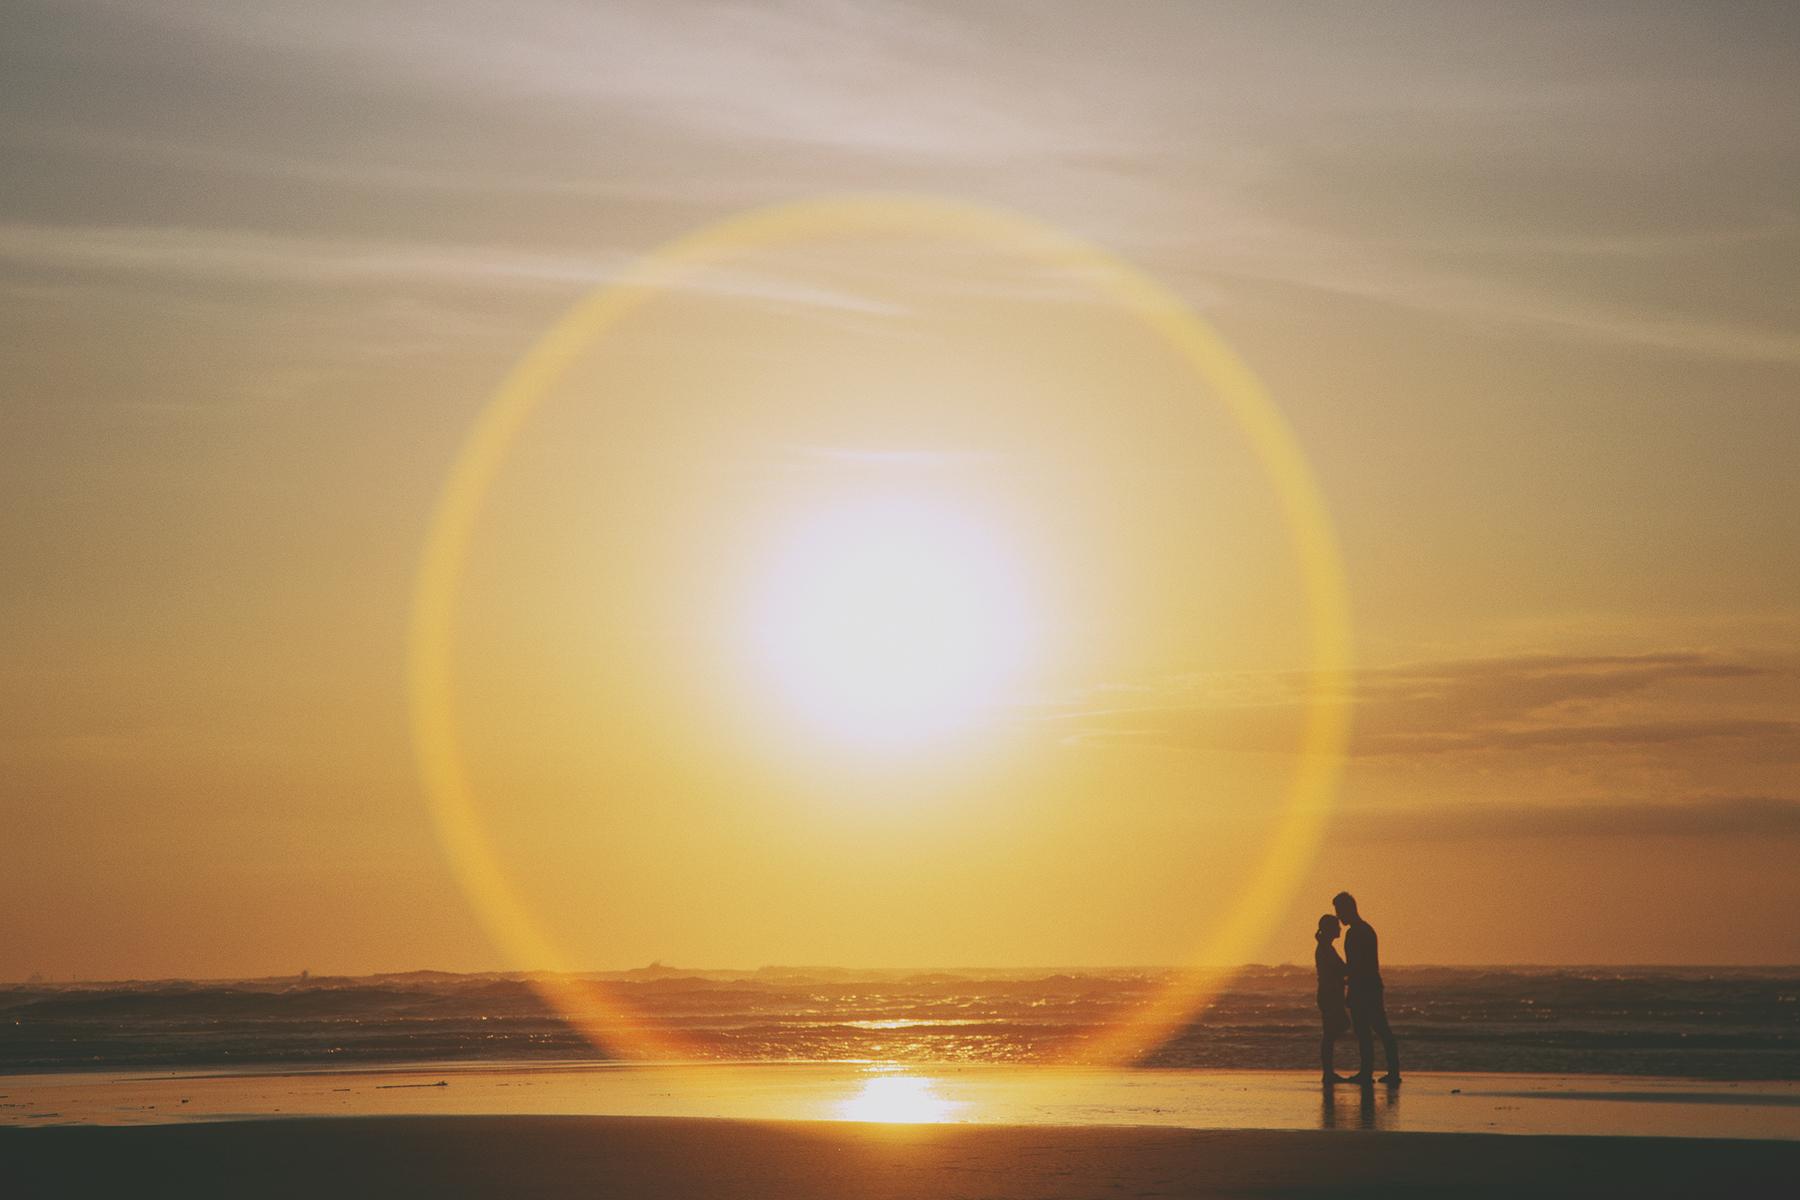 海邊,自助婚紗,便服婚紗,自然風格,生活風格,底片風格,電影風格,台北婚紗攝影師推薦,情感,溫度,夕陽,逆光